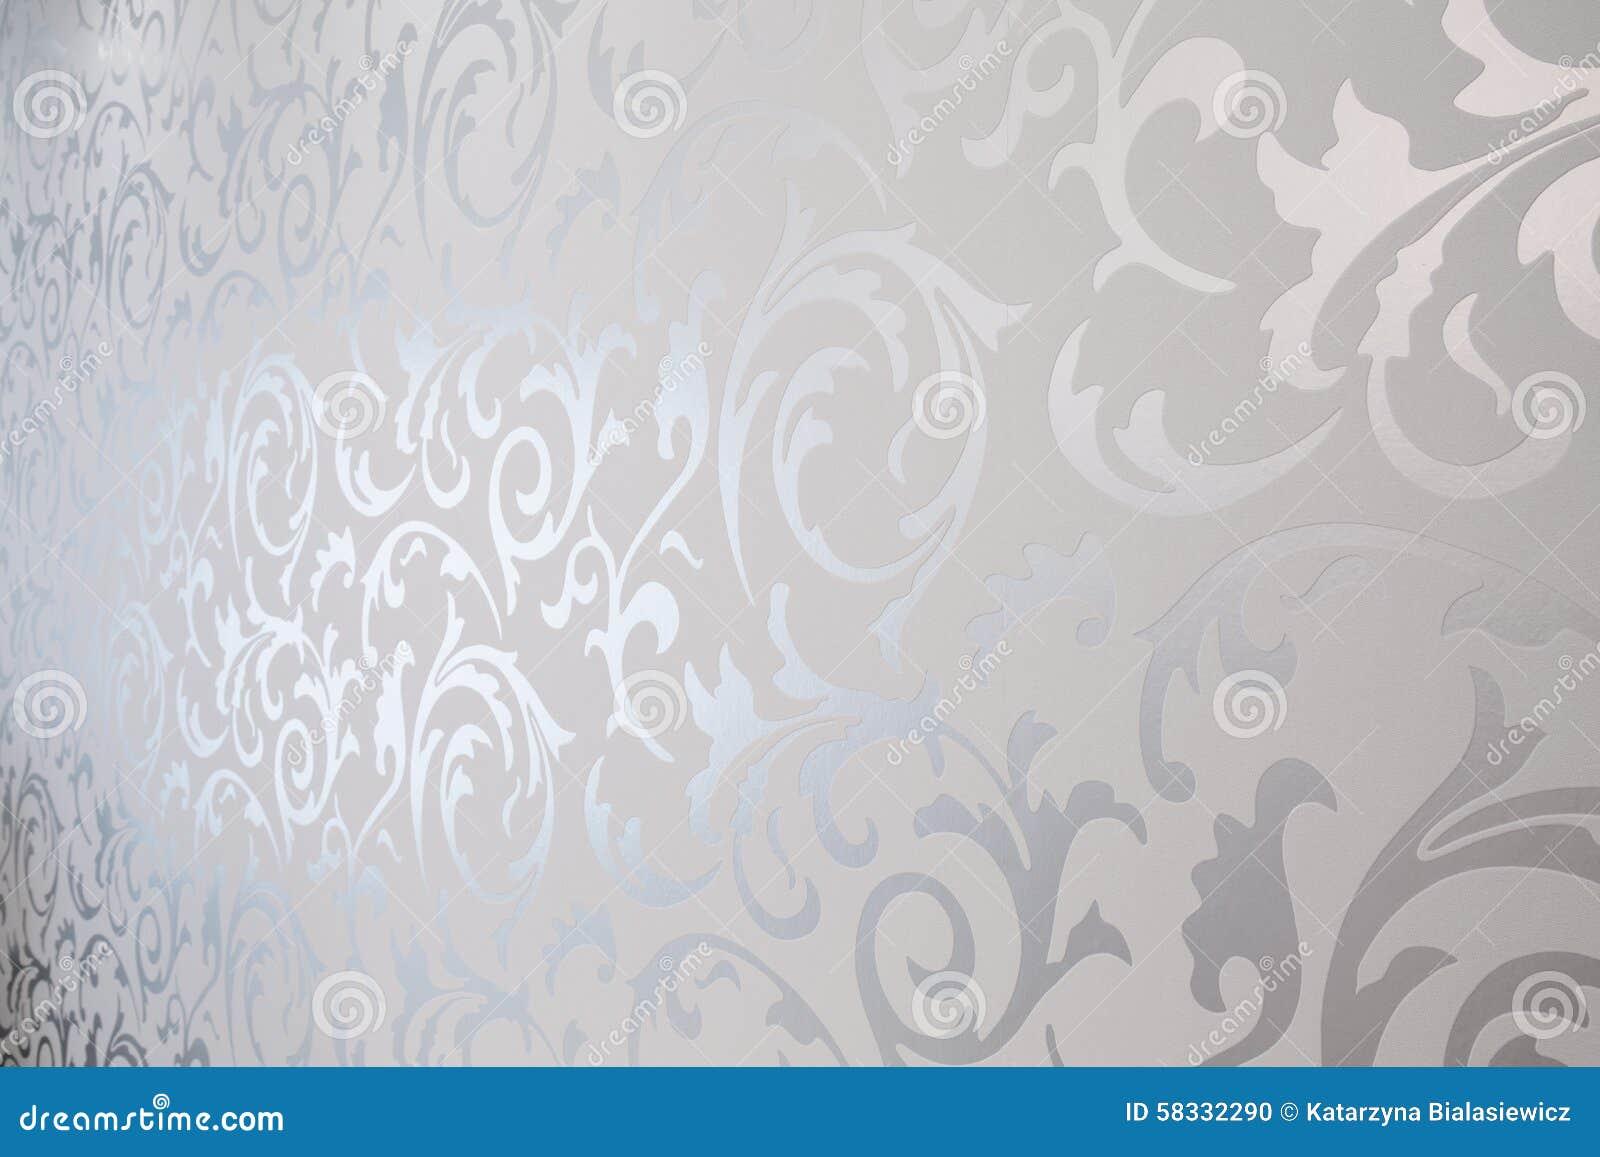 carta da parati d 39 argento modellata illustrazione di stock